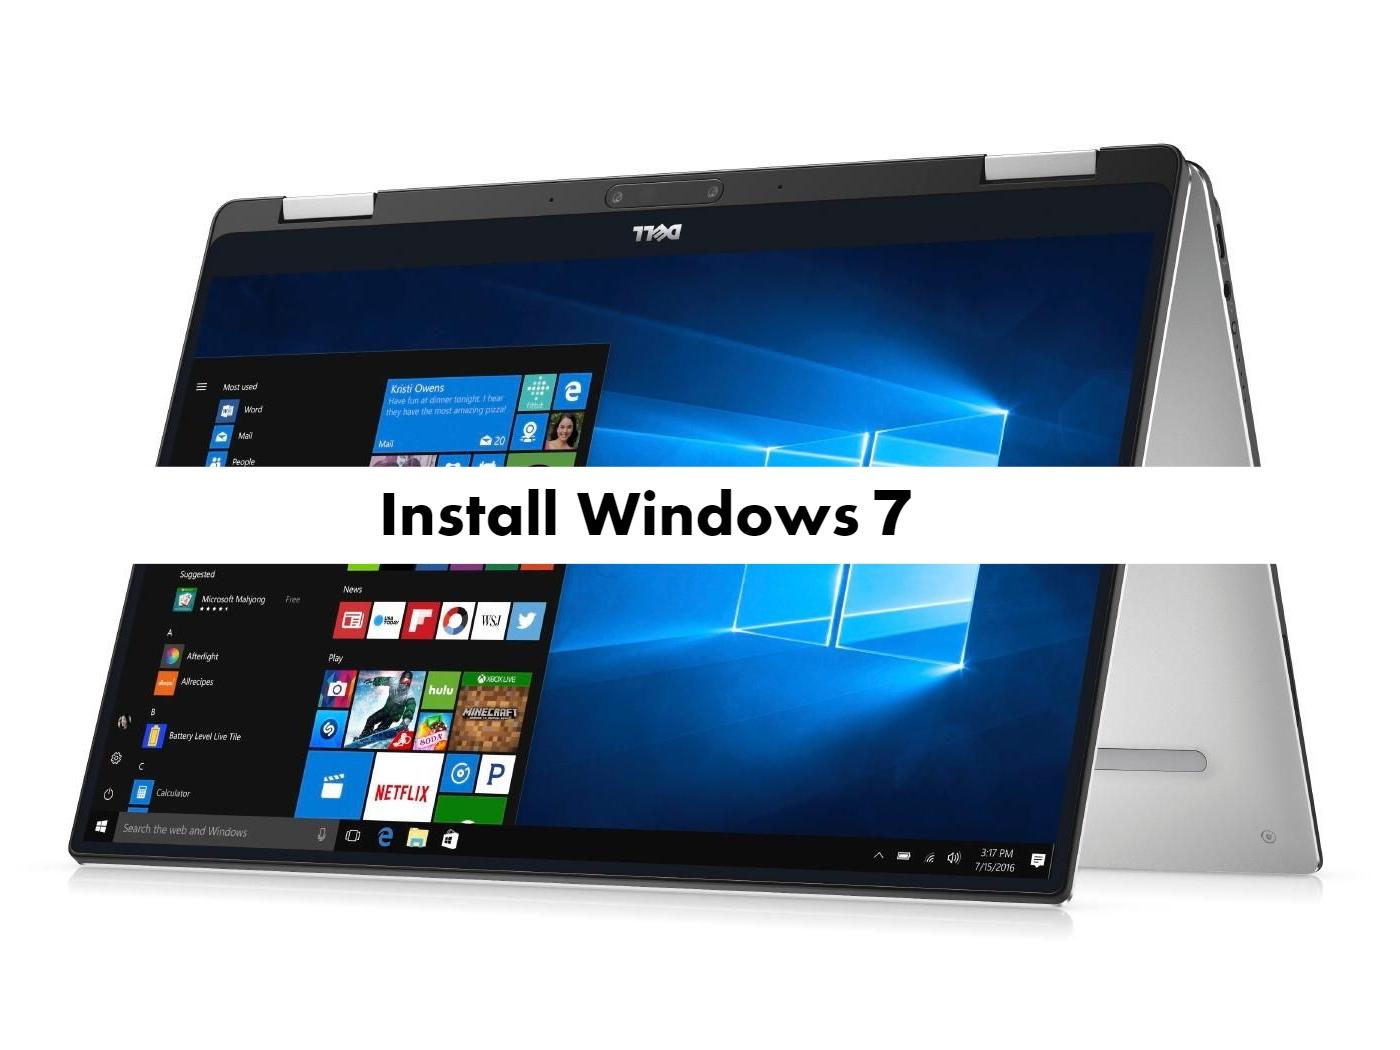 Dell XPS 13 9365 Windows 7